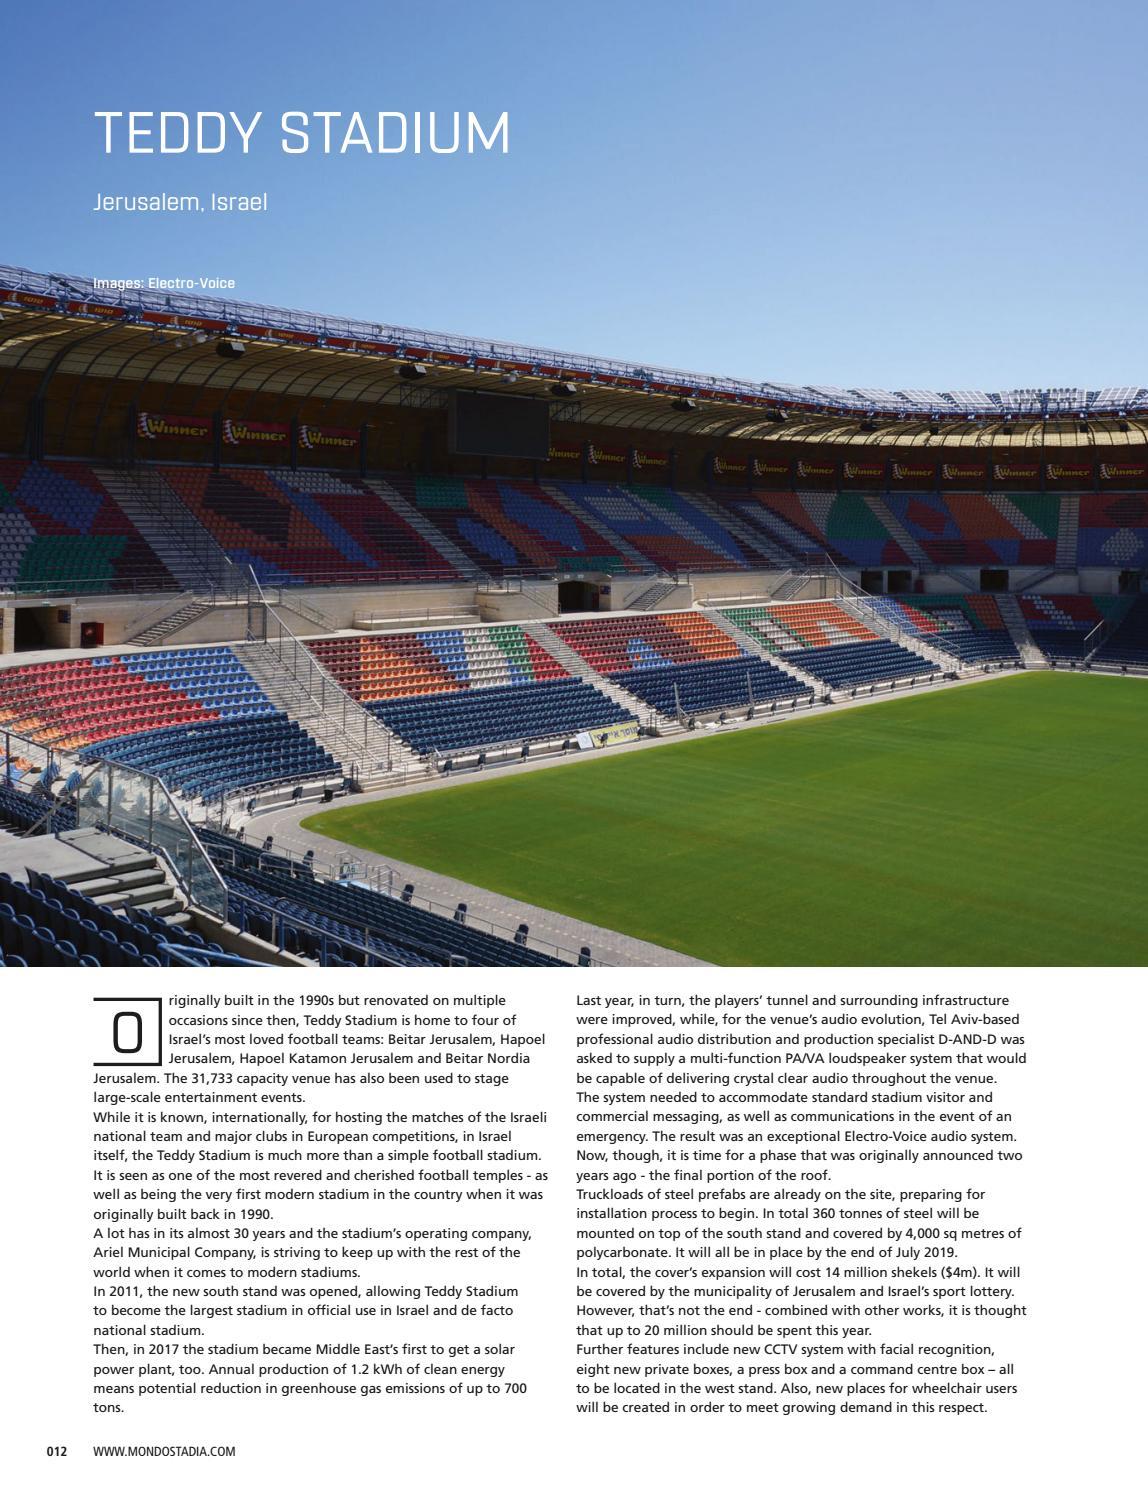 mondo | stadia - Issue 05